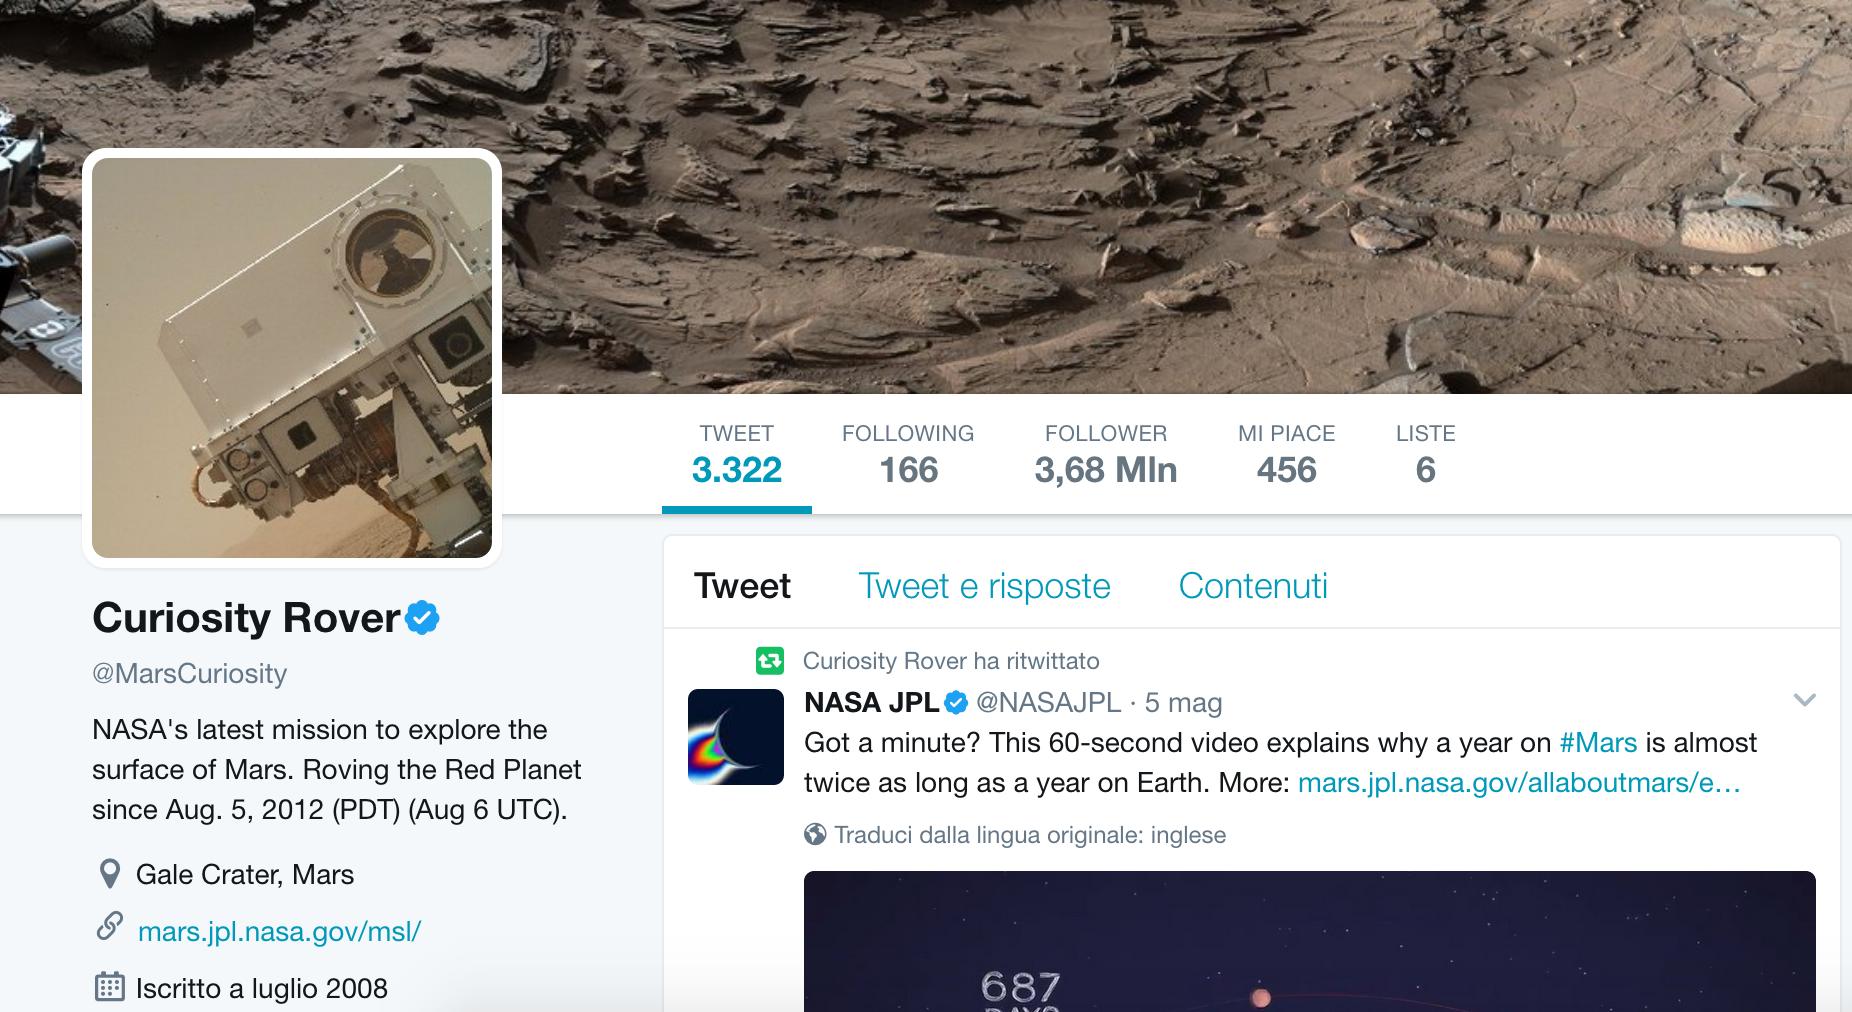 Il profilo Twitter di Curiosity